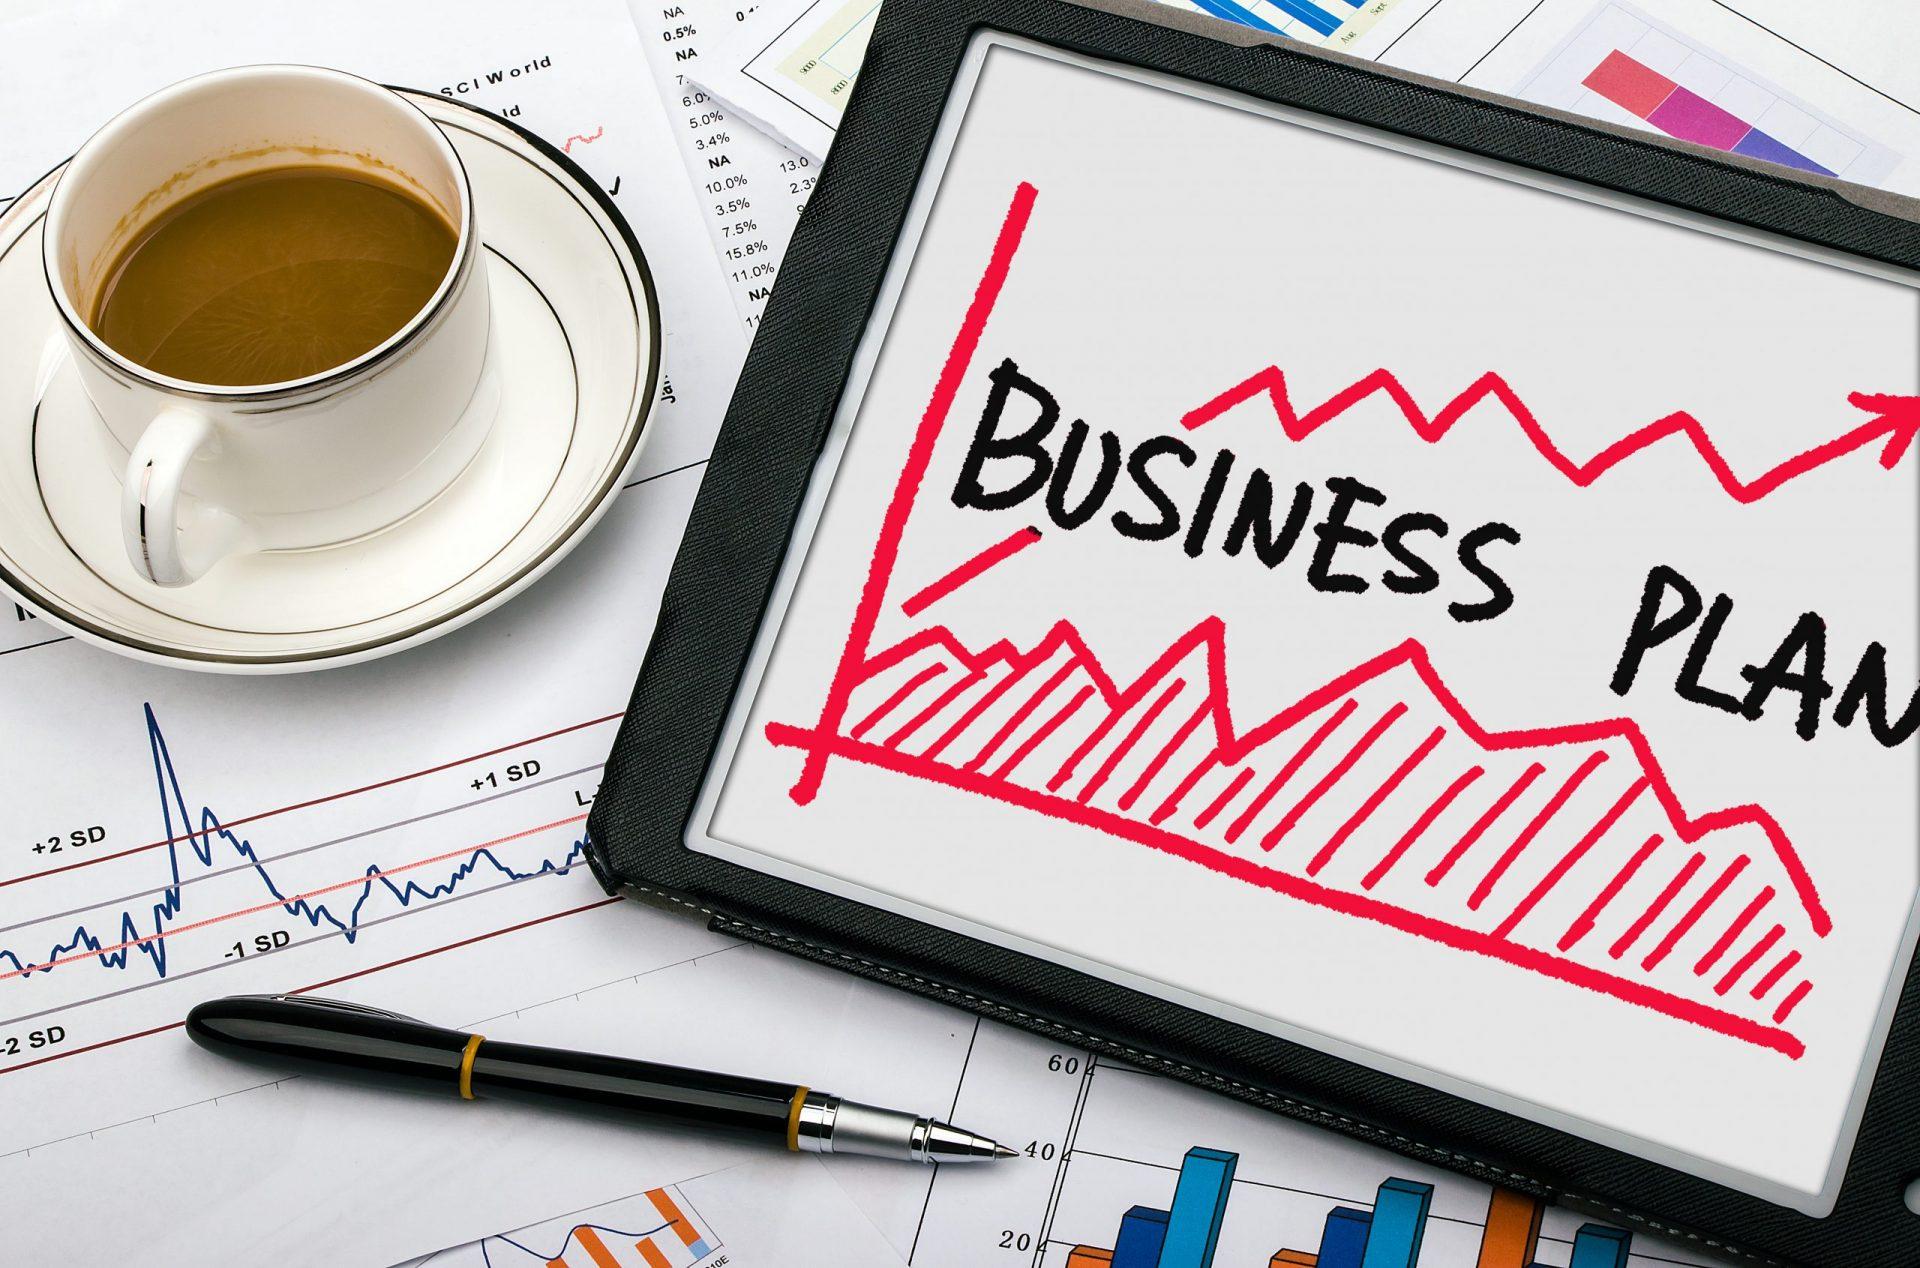 顧問契約の継続率と単価を上げるには顧問先からの発注量を最大化する